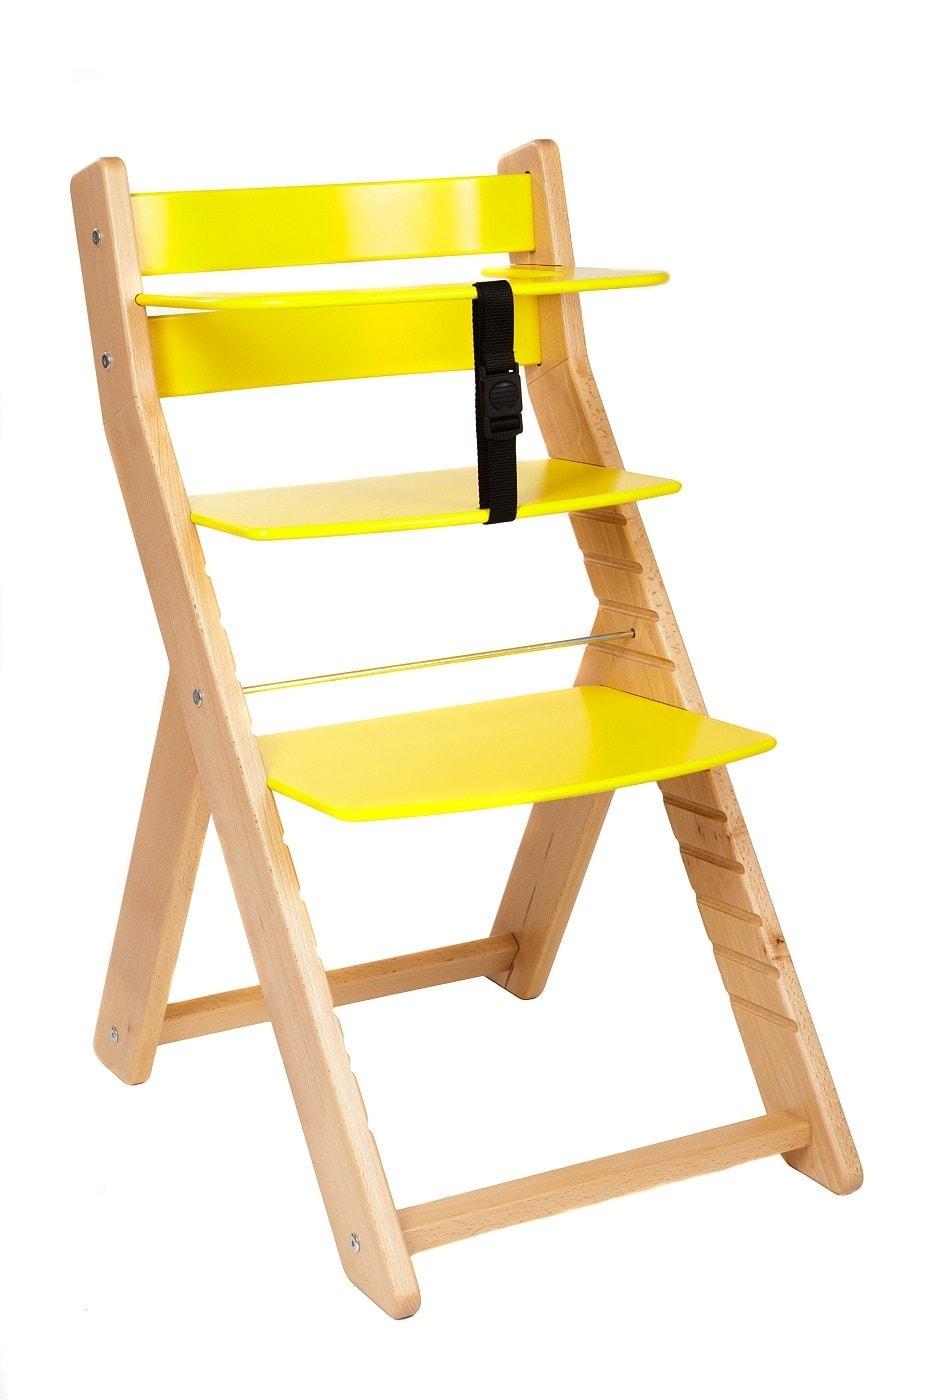 Wood Partner Rostoucí židle Unize bílá / žlutá